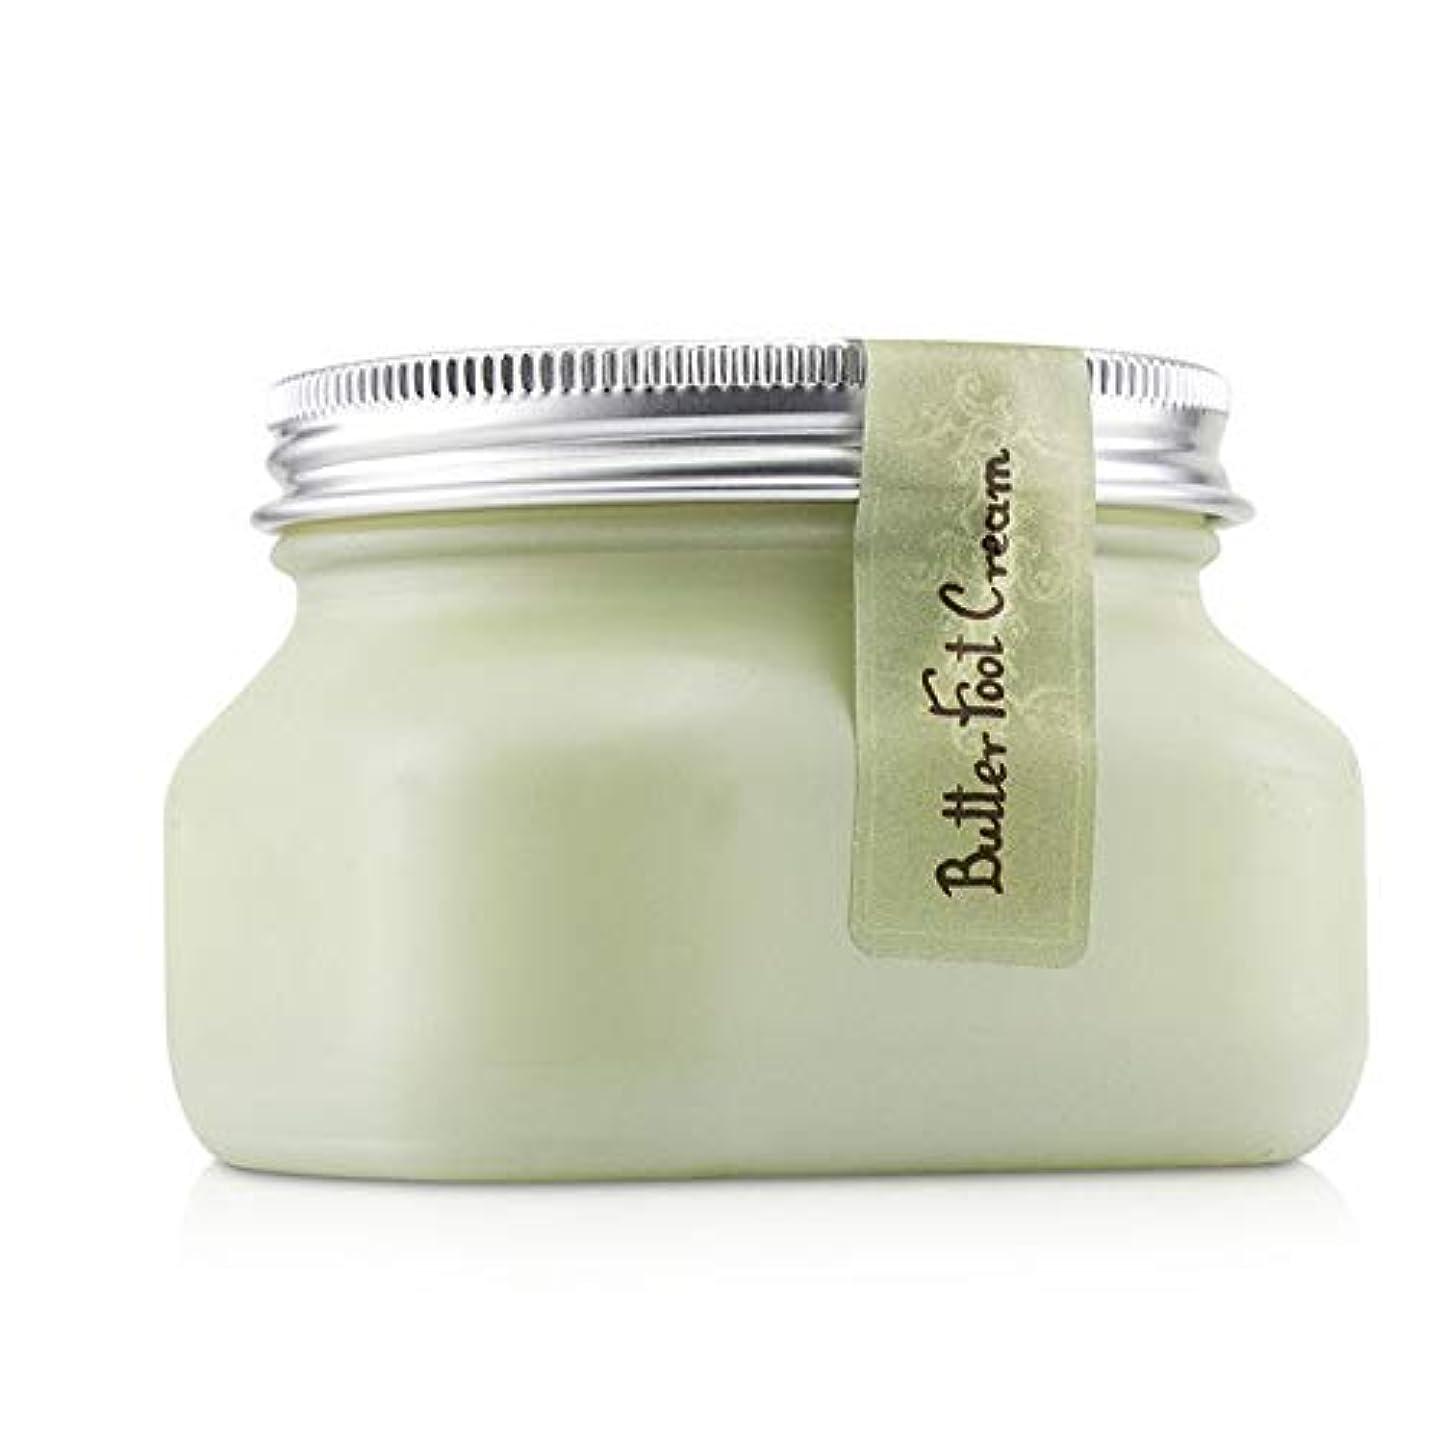 思い出す成功した評価可能サボン Butter Foot Cream 150ml/5.27oz並行輸入品